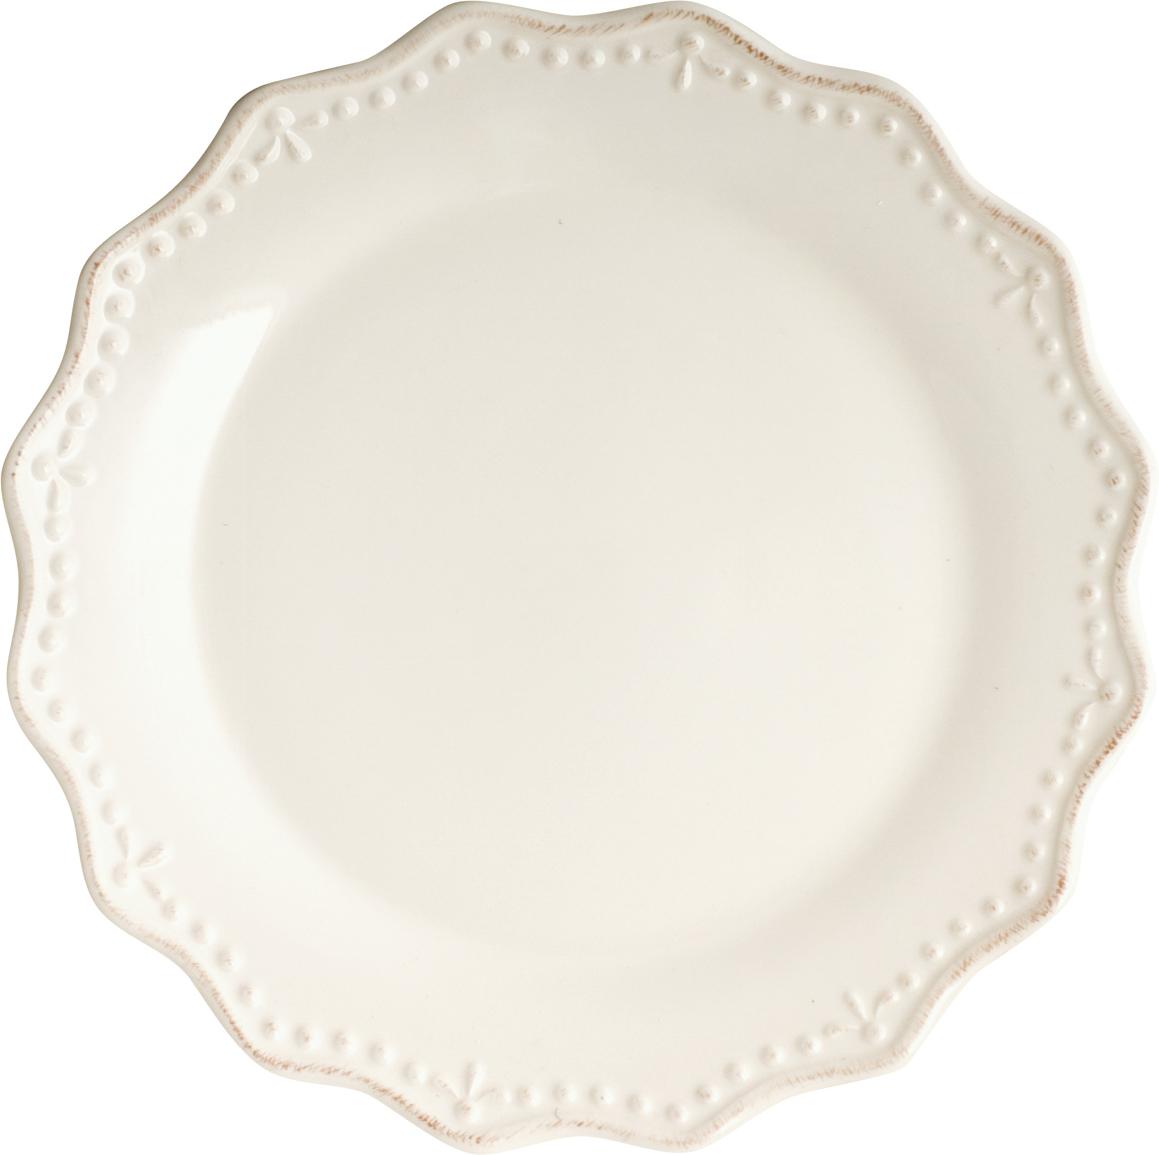 """Плоская тарелка """"H&H"""" с итальянским дизайном придется по вкусу любой хозяйке. Диаметр тарелки 33 см, что говорит о её практичности. Незаменимая в быту и при сервировке стола эта тарелка станет вашей любимицей среди прочих предметов сервировки. Тарелка выполнена из керамики.Ручная мойка, можно использовать в посудомоечной машине."""